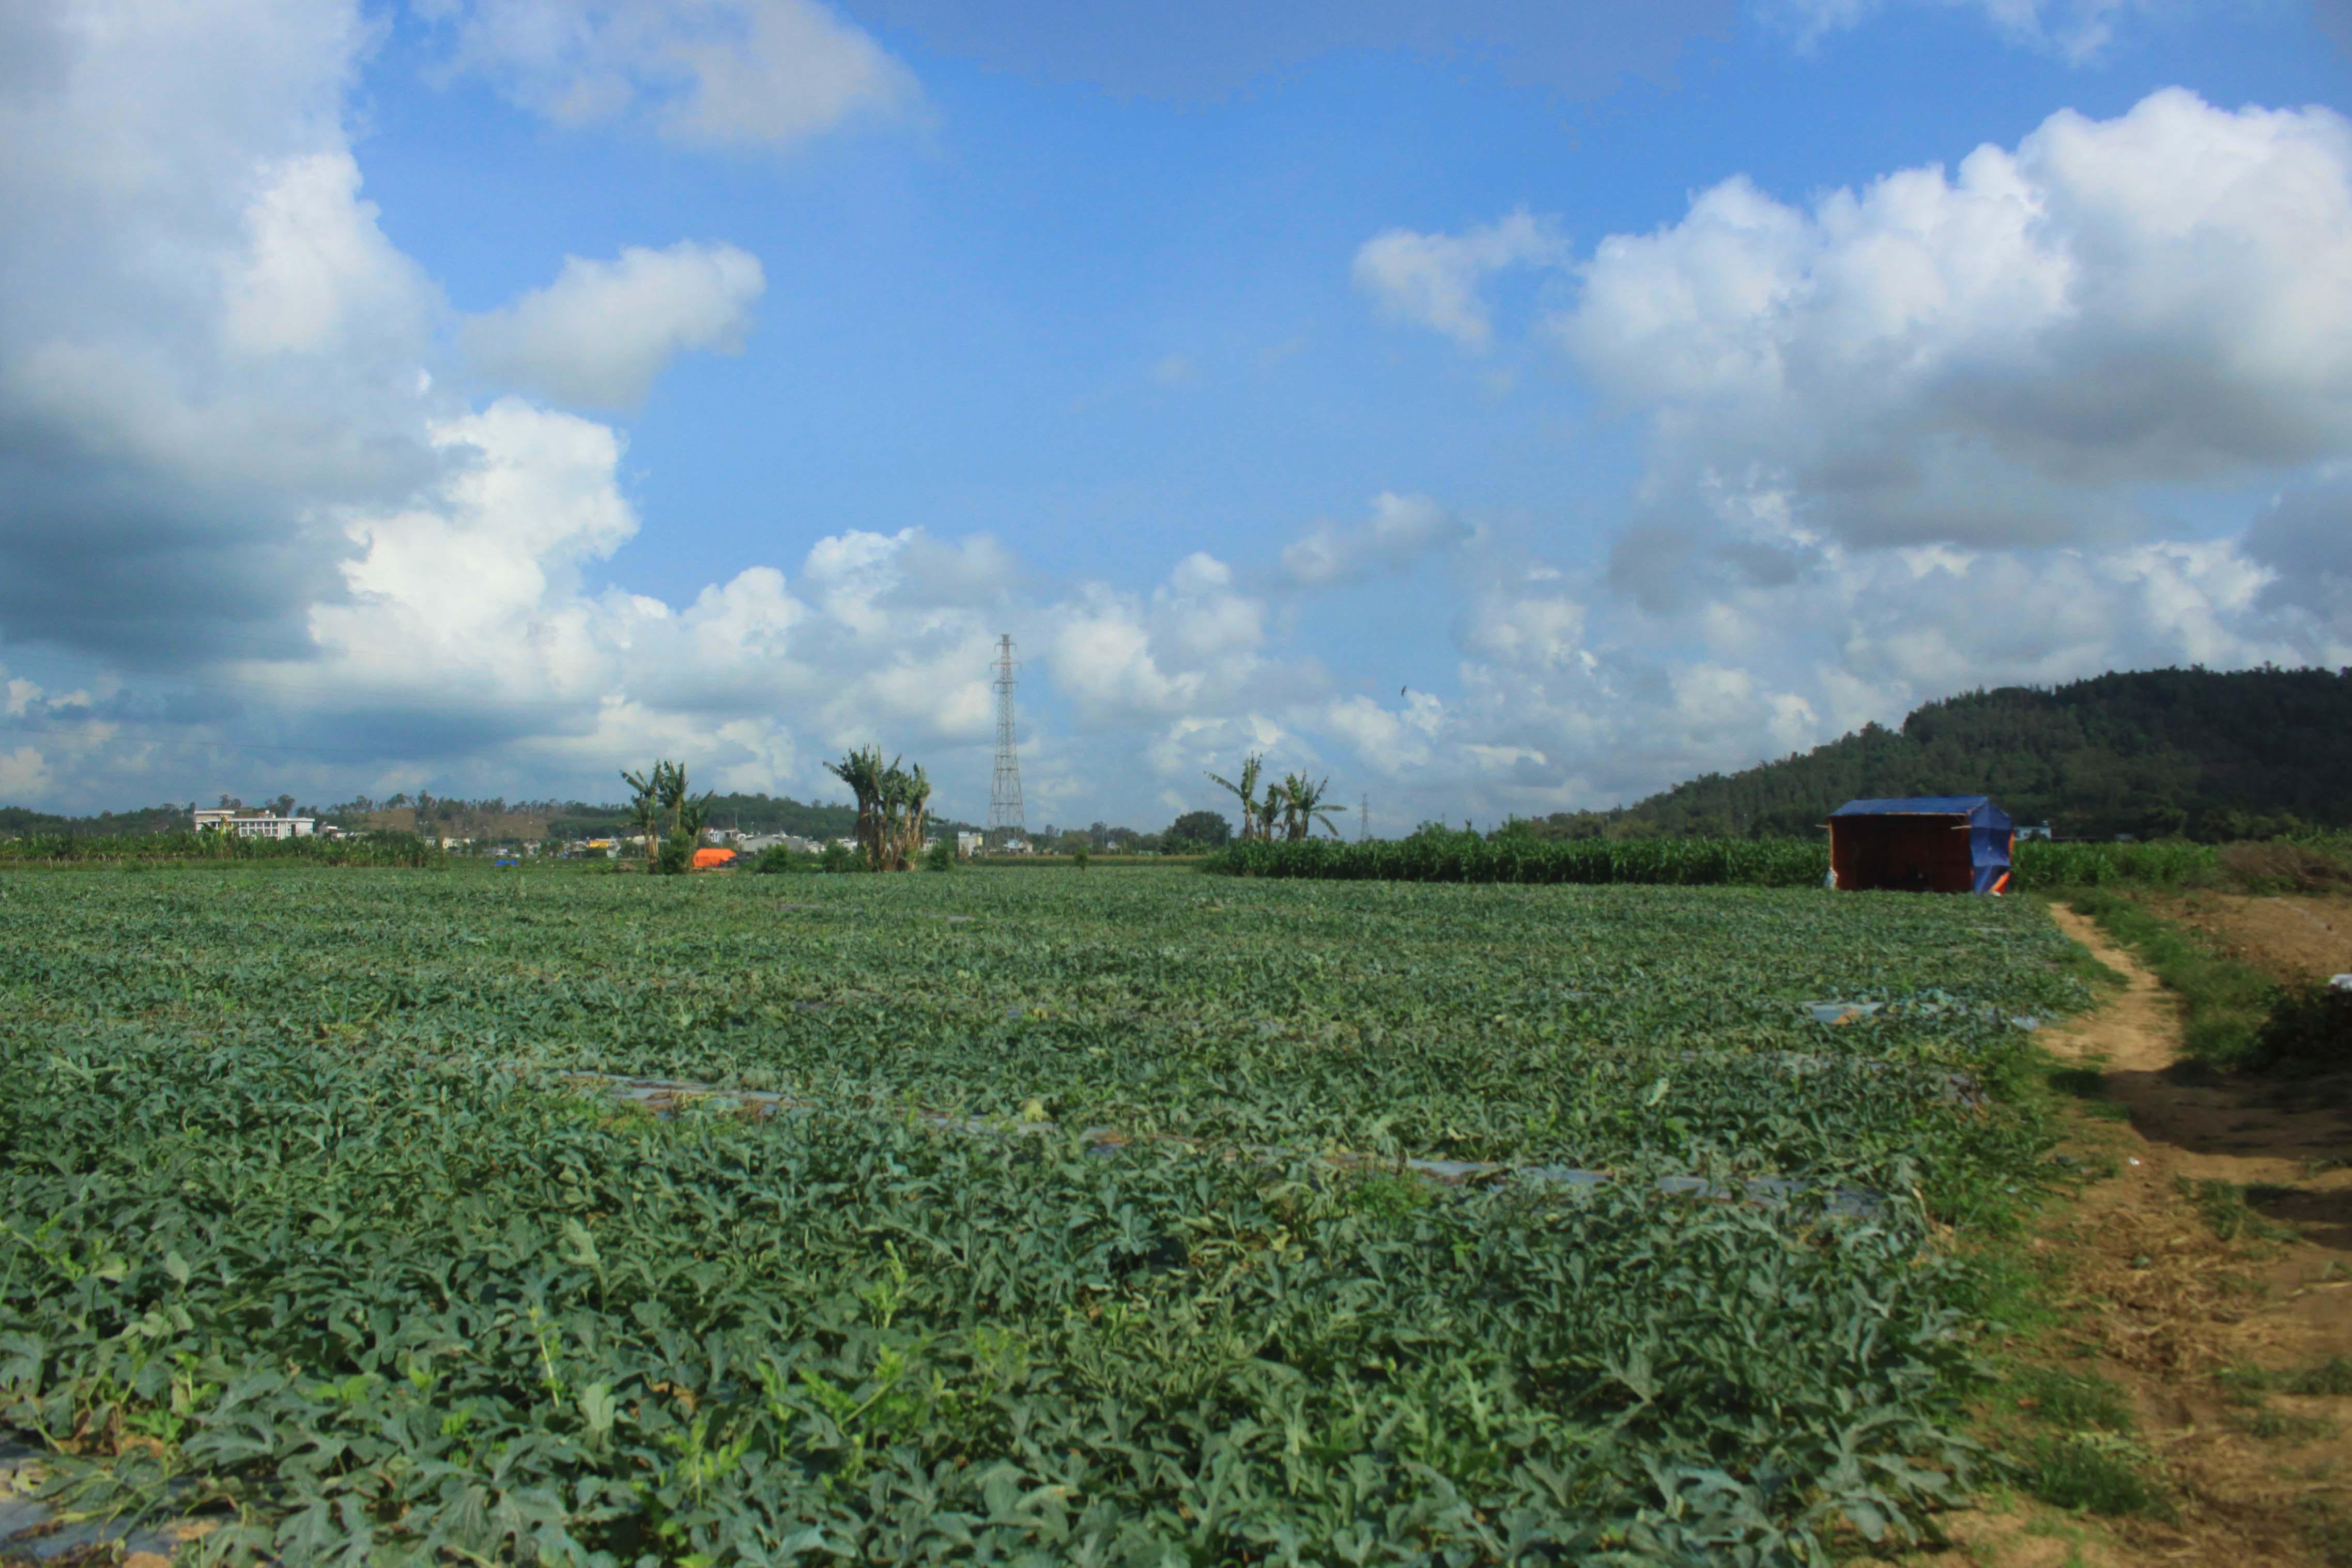 Công ty CP Chế biến tinh bột sắn xuất khẩu Bình Định đã cho người dân thuê hàng chục hét ta đất không đúng quy định trong thời gian dài